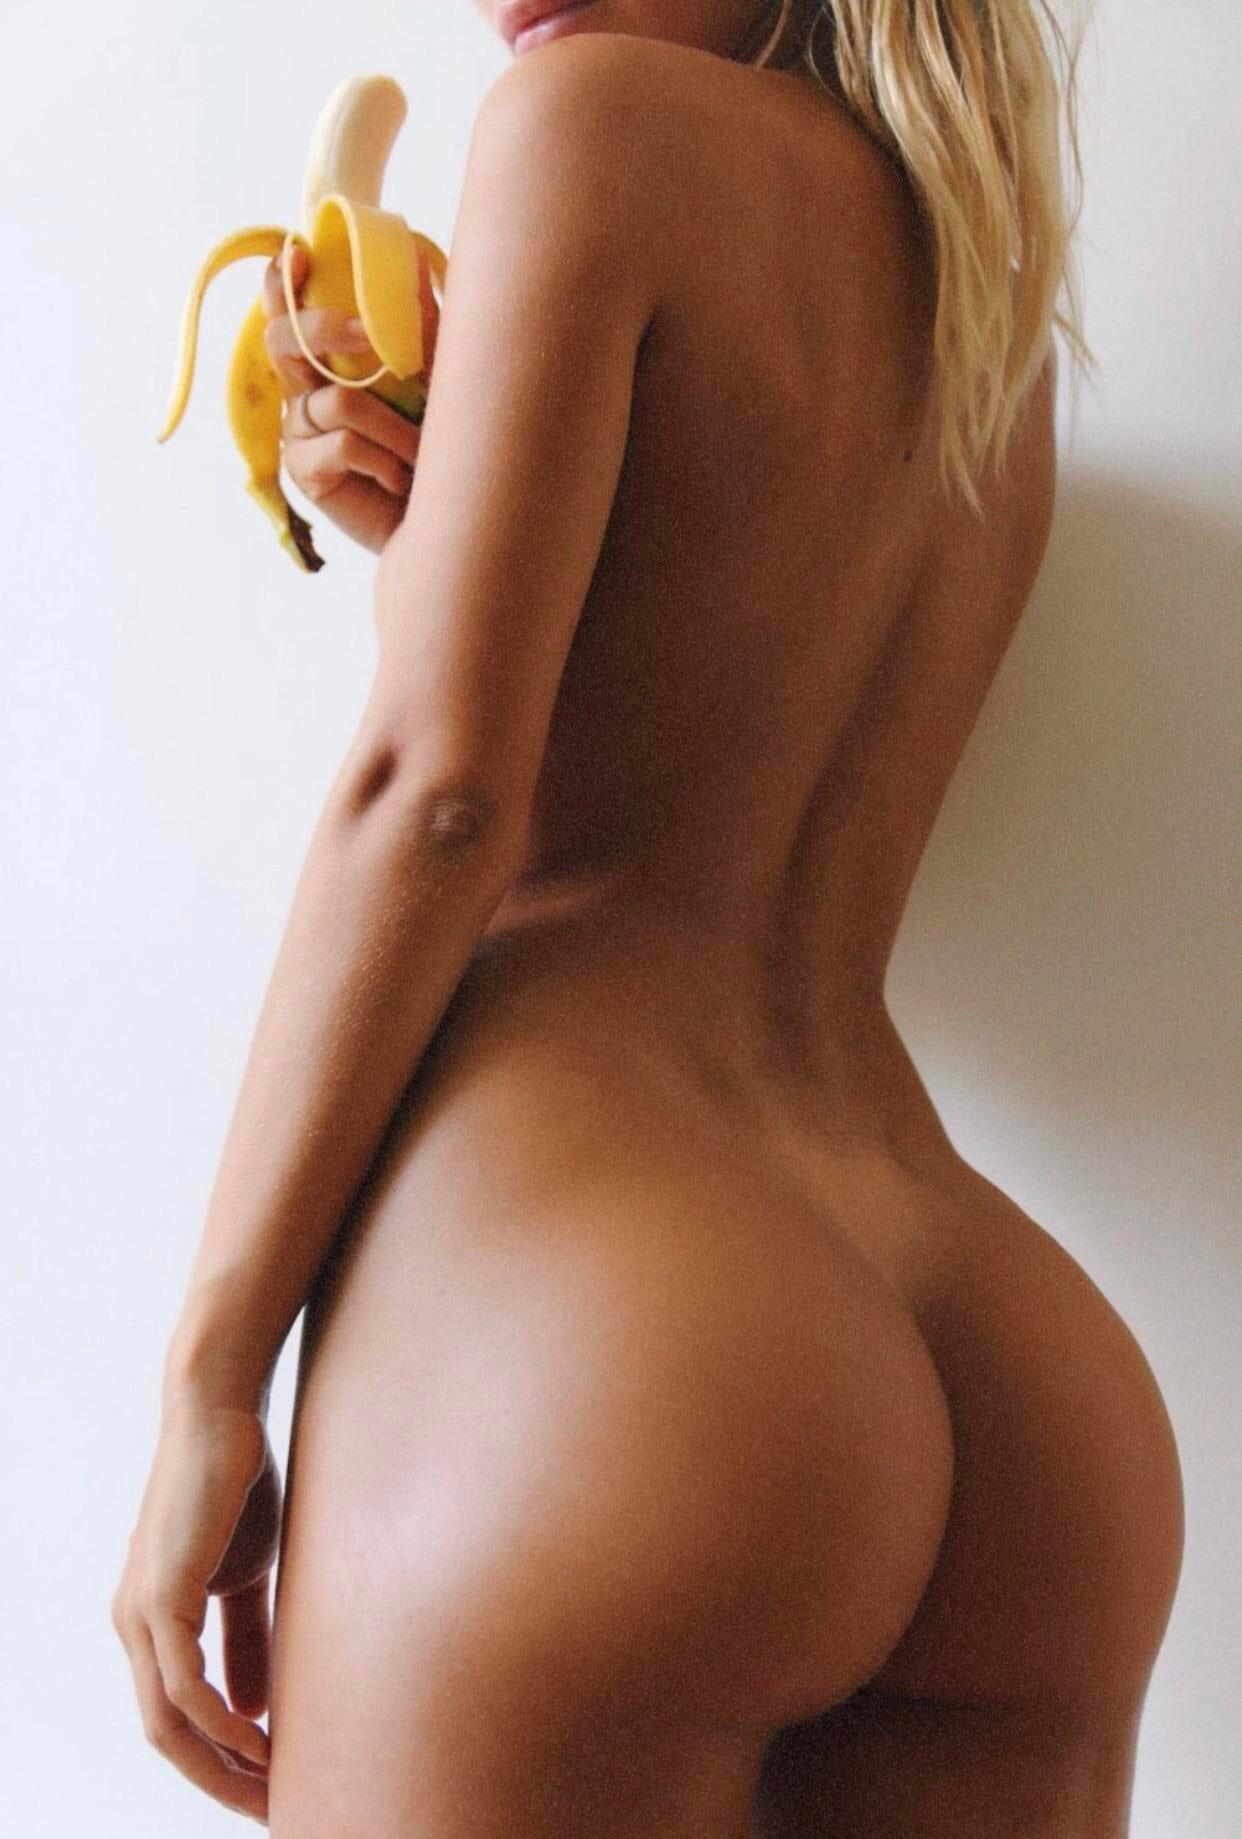 Mathilde Tantot Nude Onlyfans Leaked! 0058